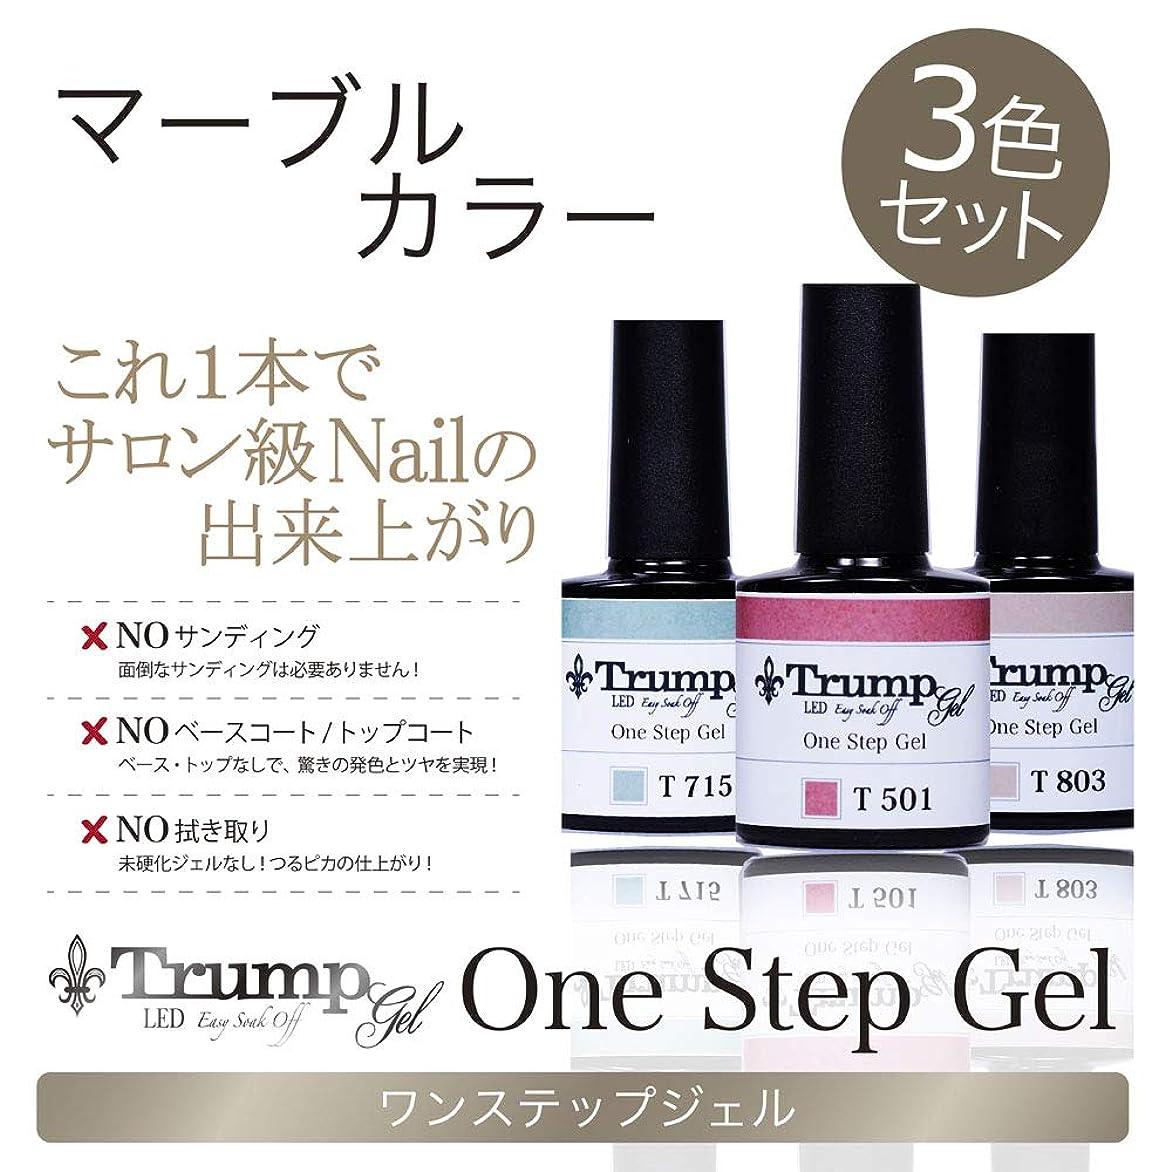 【日本製】Trump gel トランプジェル ワンステップジェル ジェルネイル カラージェル 3点 セット スモーキーモーヴ ボルドー マーブル (マーブルカラーセット)